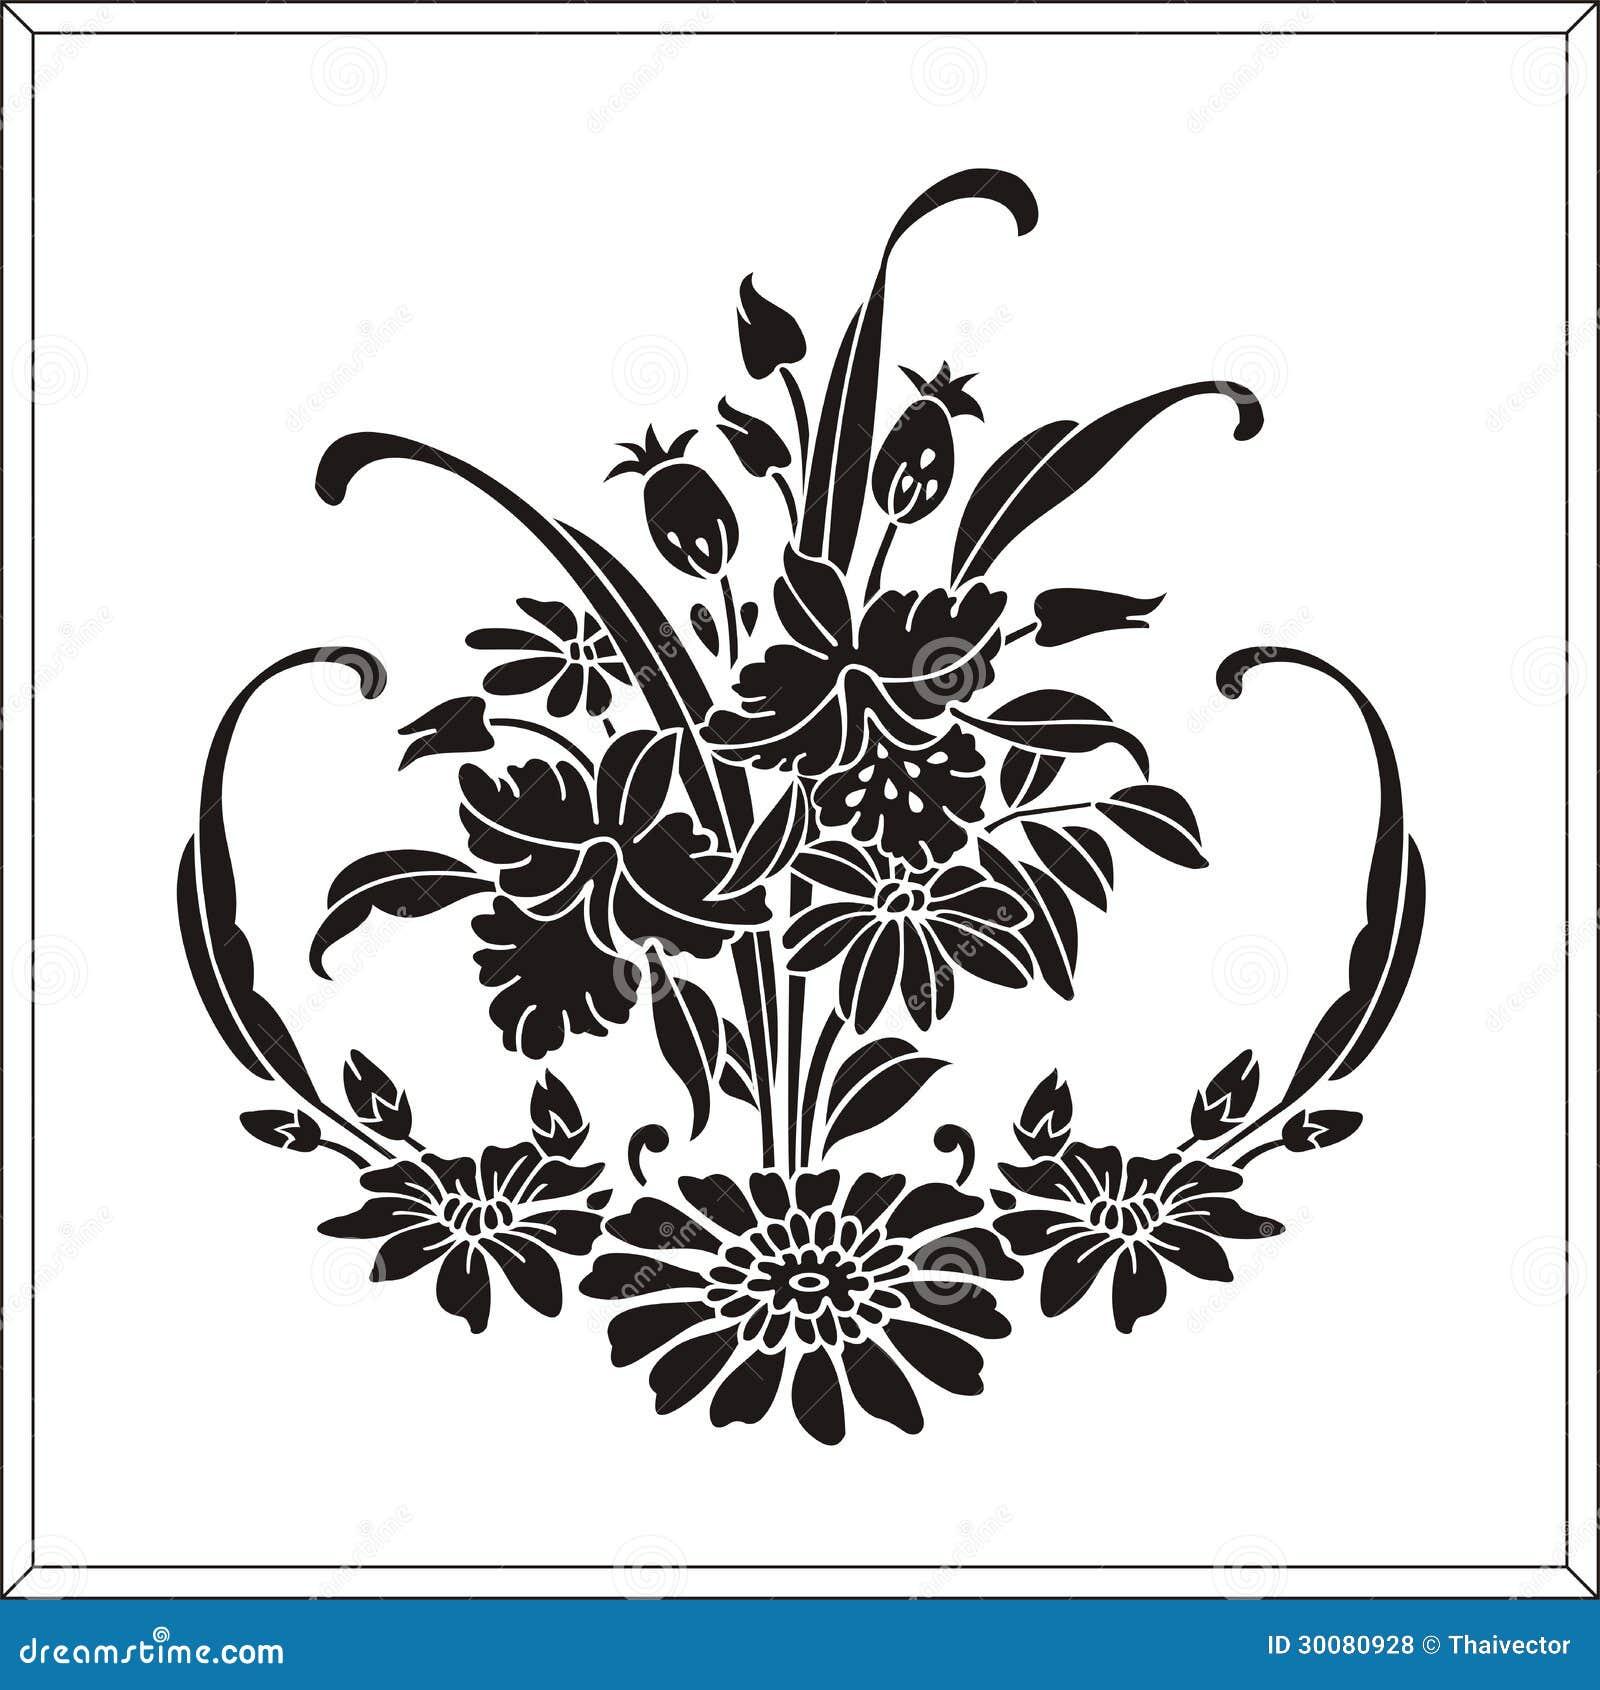 Populaire Modèle Gravure à L'eau-forte Illustration de Vecteur - Image: 30199523 IJ08